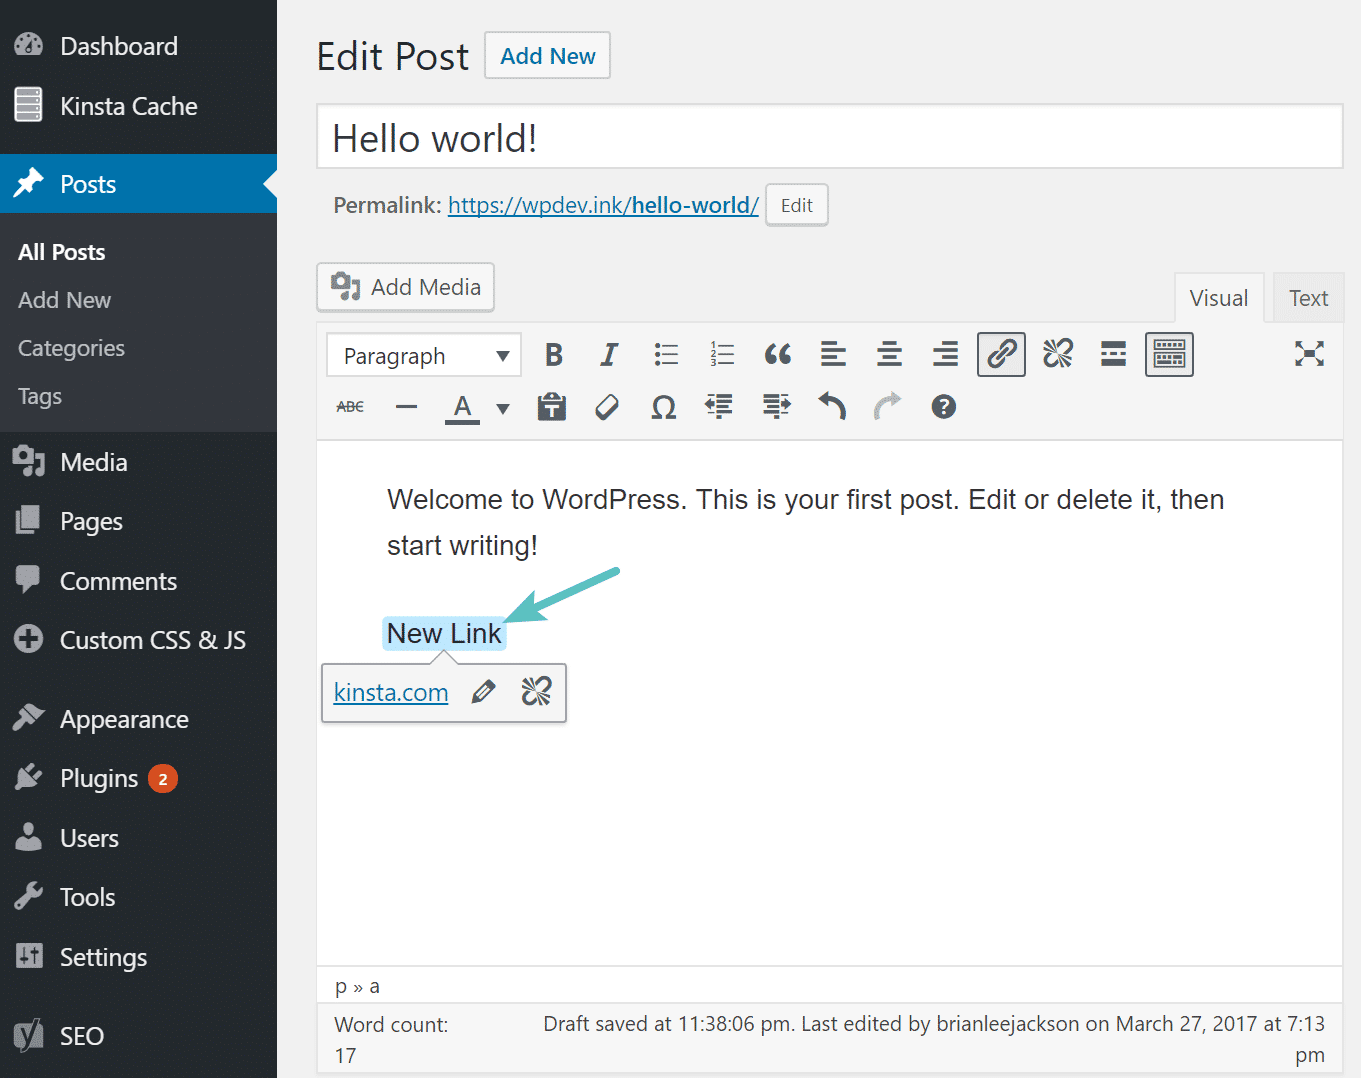 Limites des liens dans WordPress 4.8